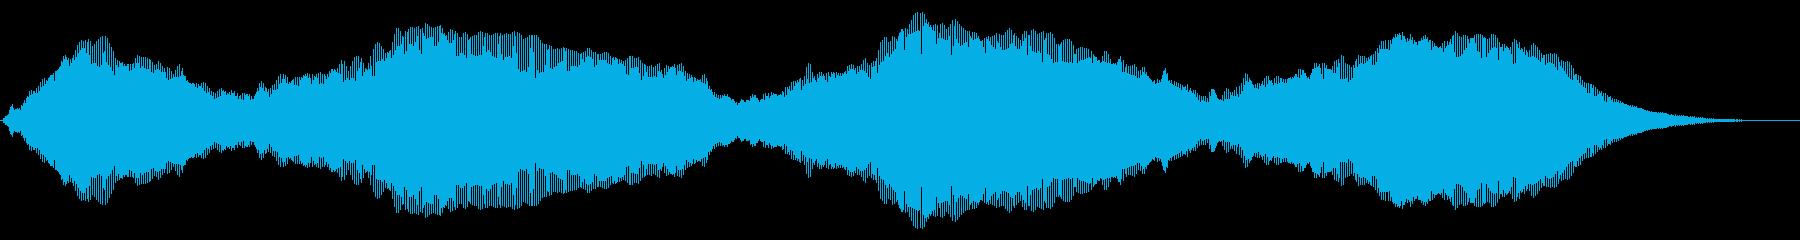 ウォームドローンの再生済みの波形